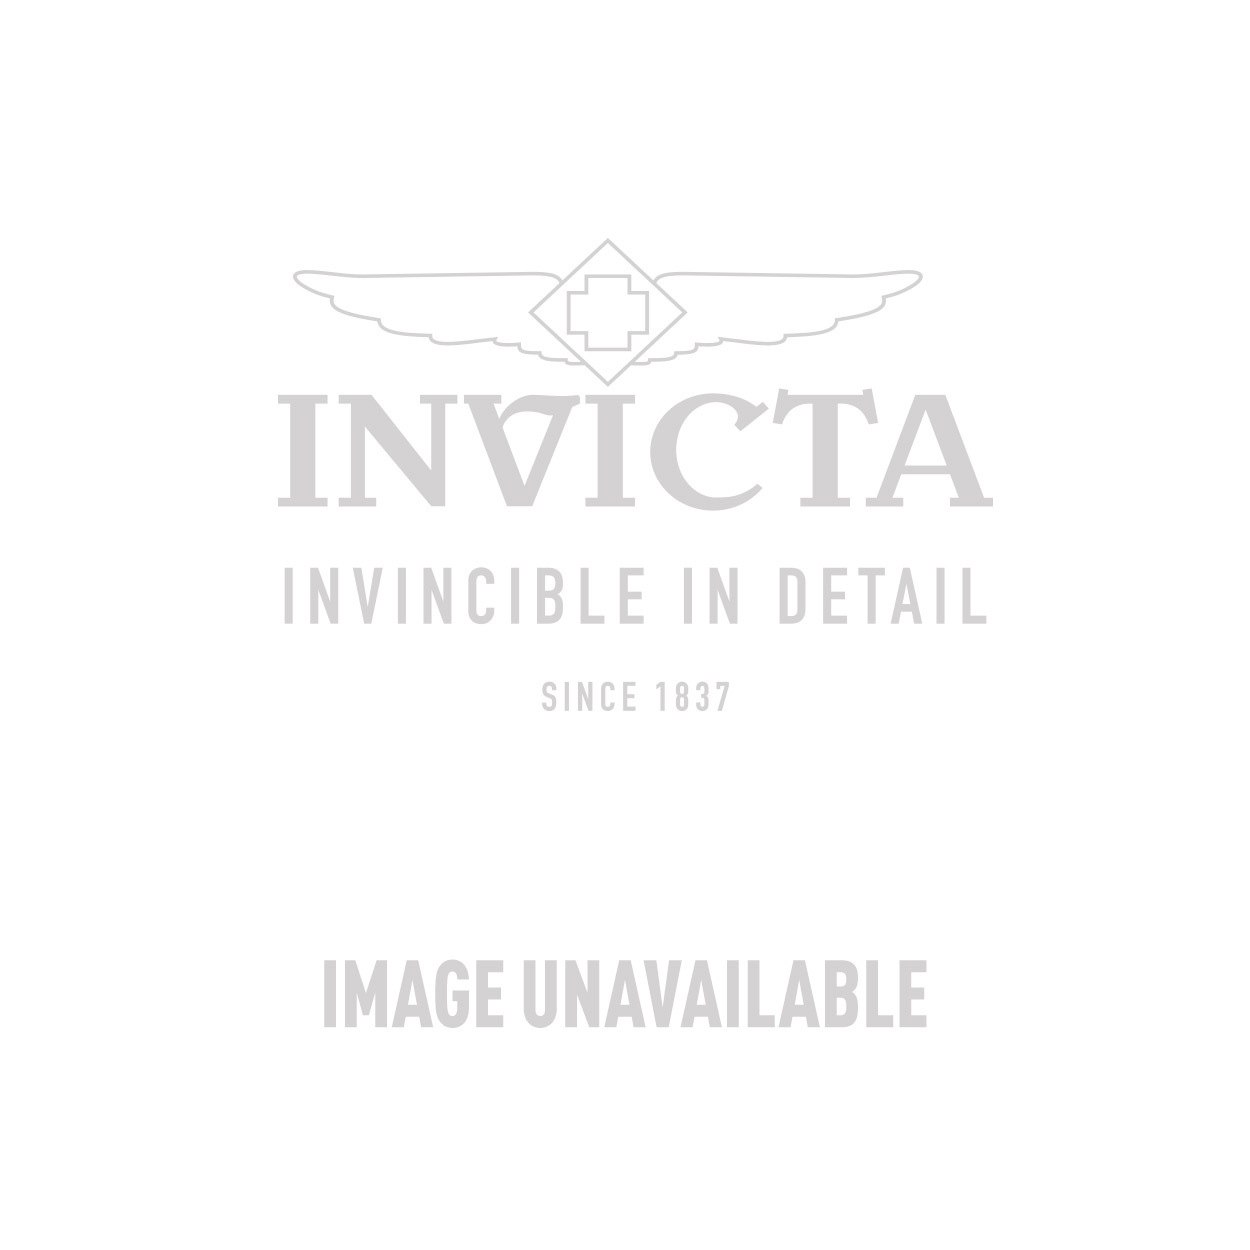 Invicta Lupah Swiss Movement Quartz Watch - Titanium case with Titanium tone Ceramic band - Model 14852